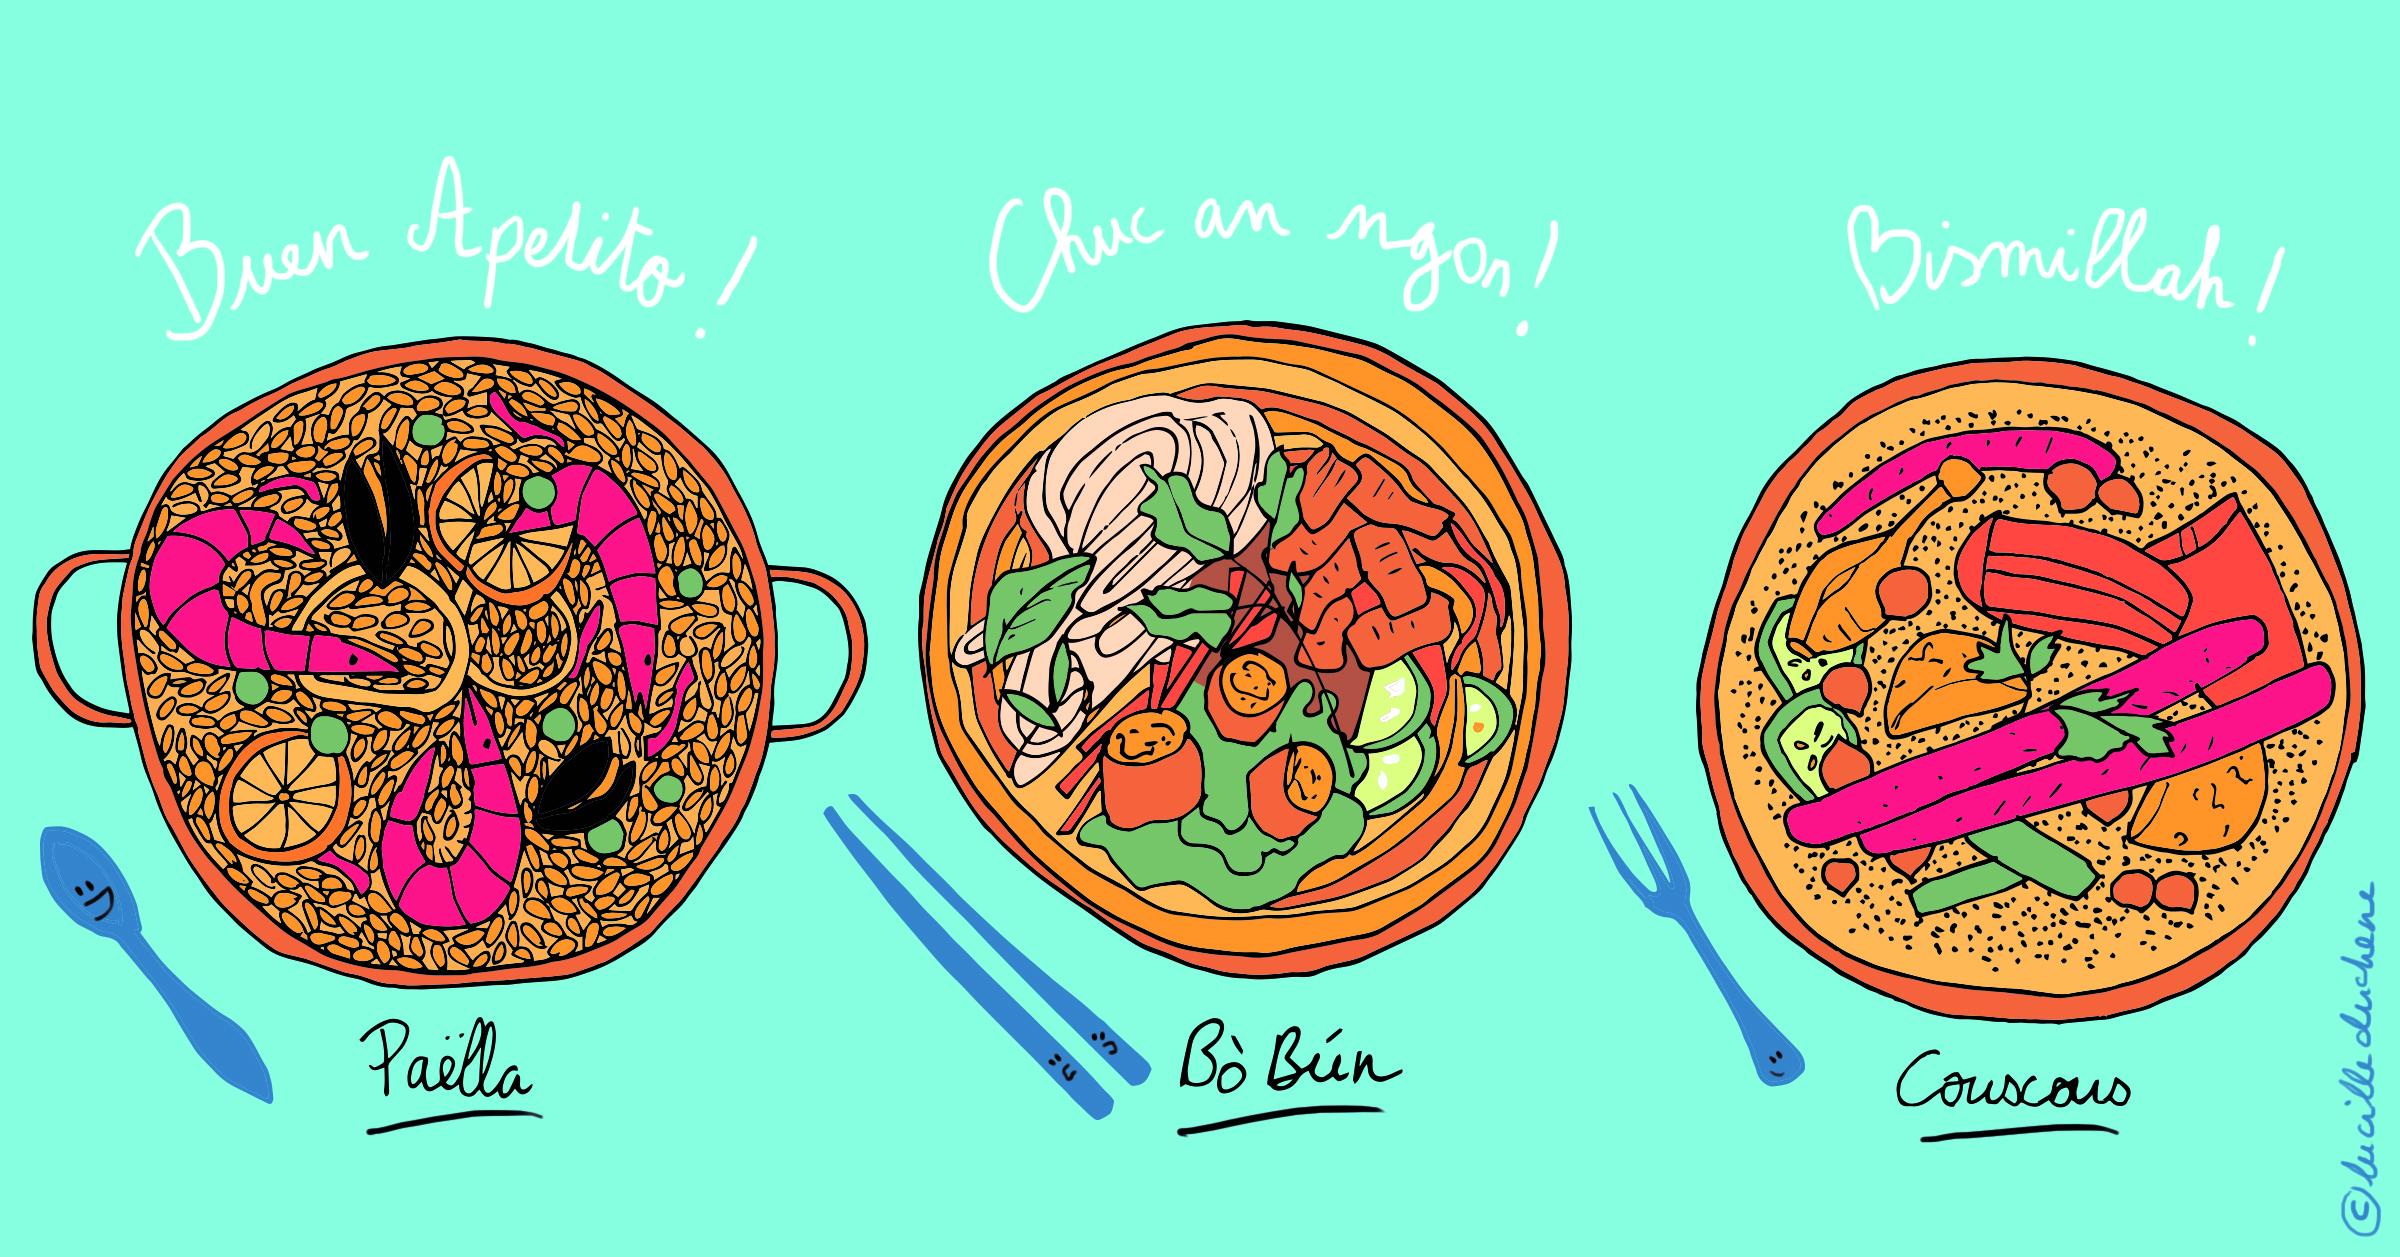 Apprenez le nom des plats dans votre langue natale